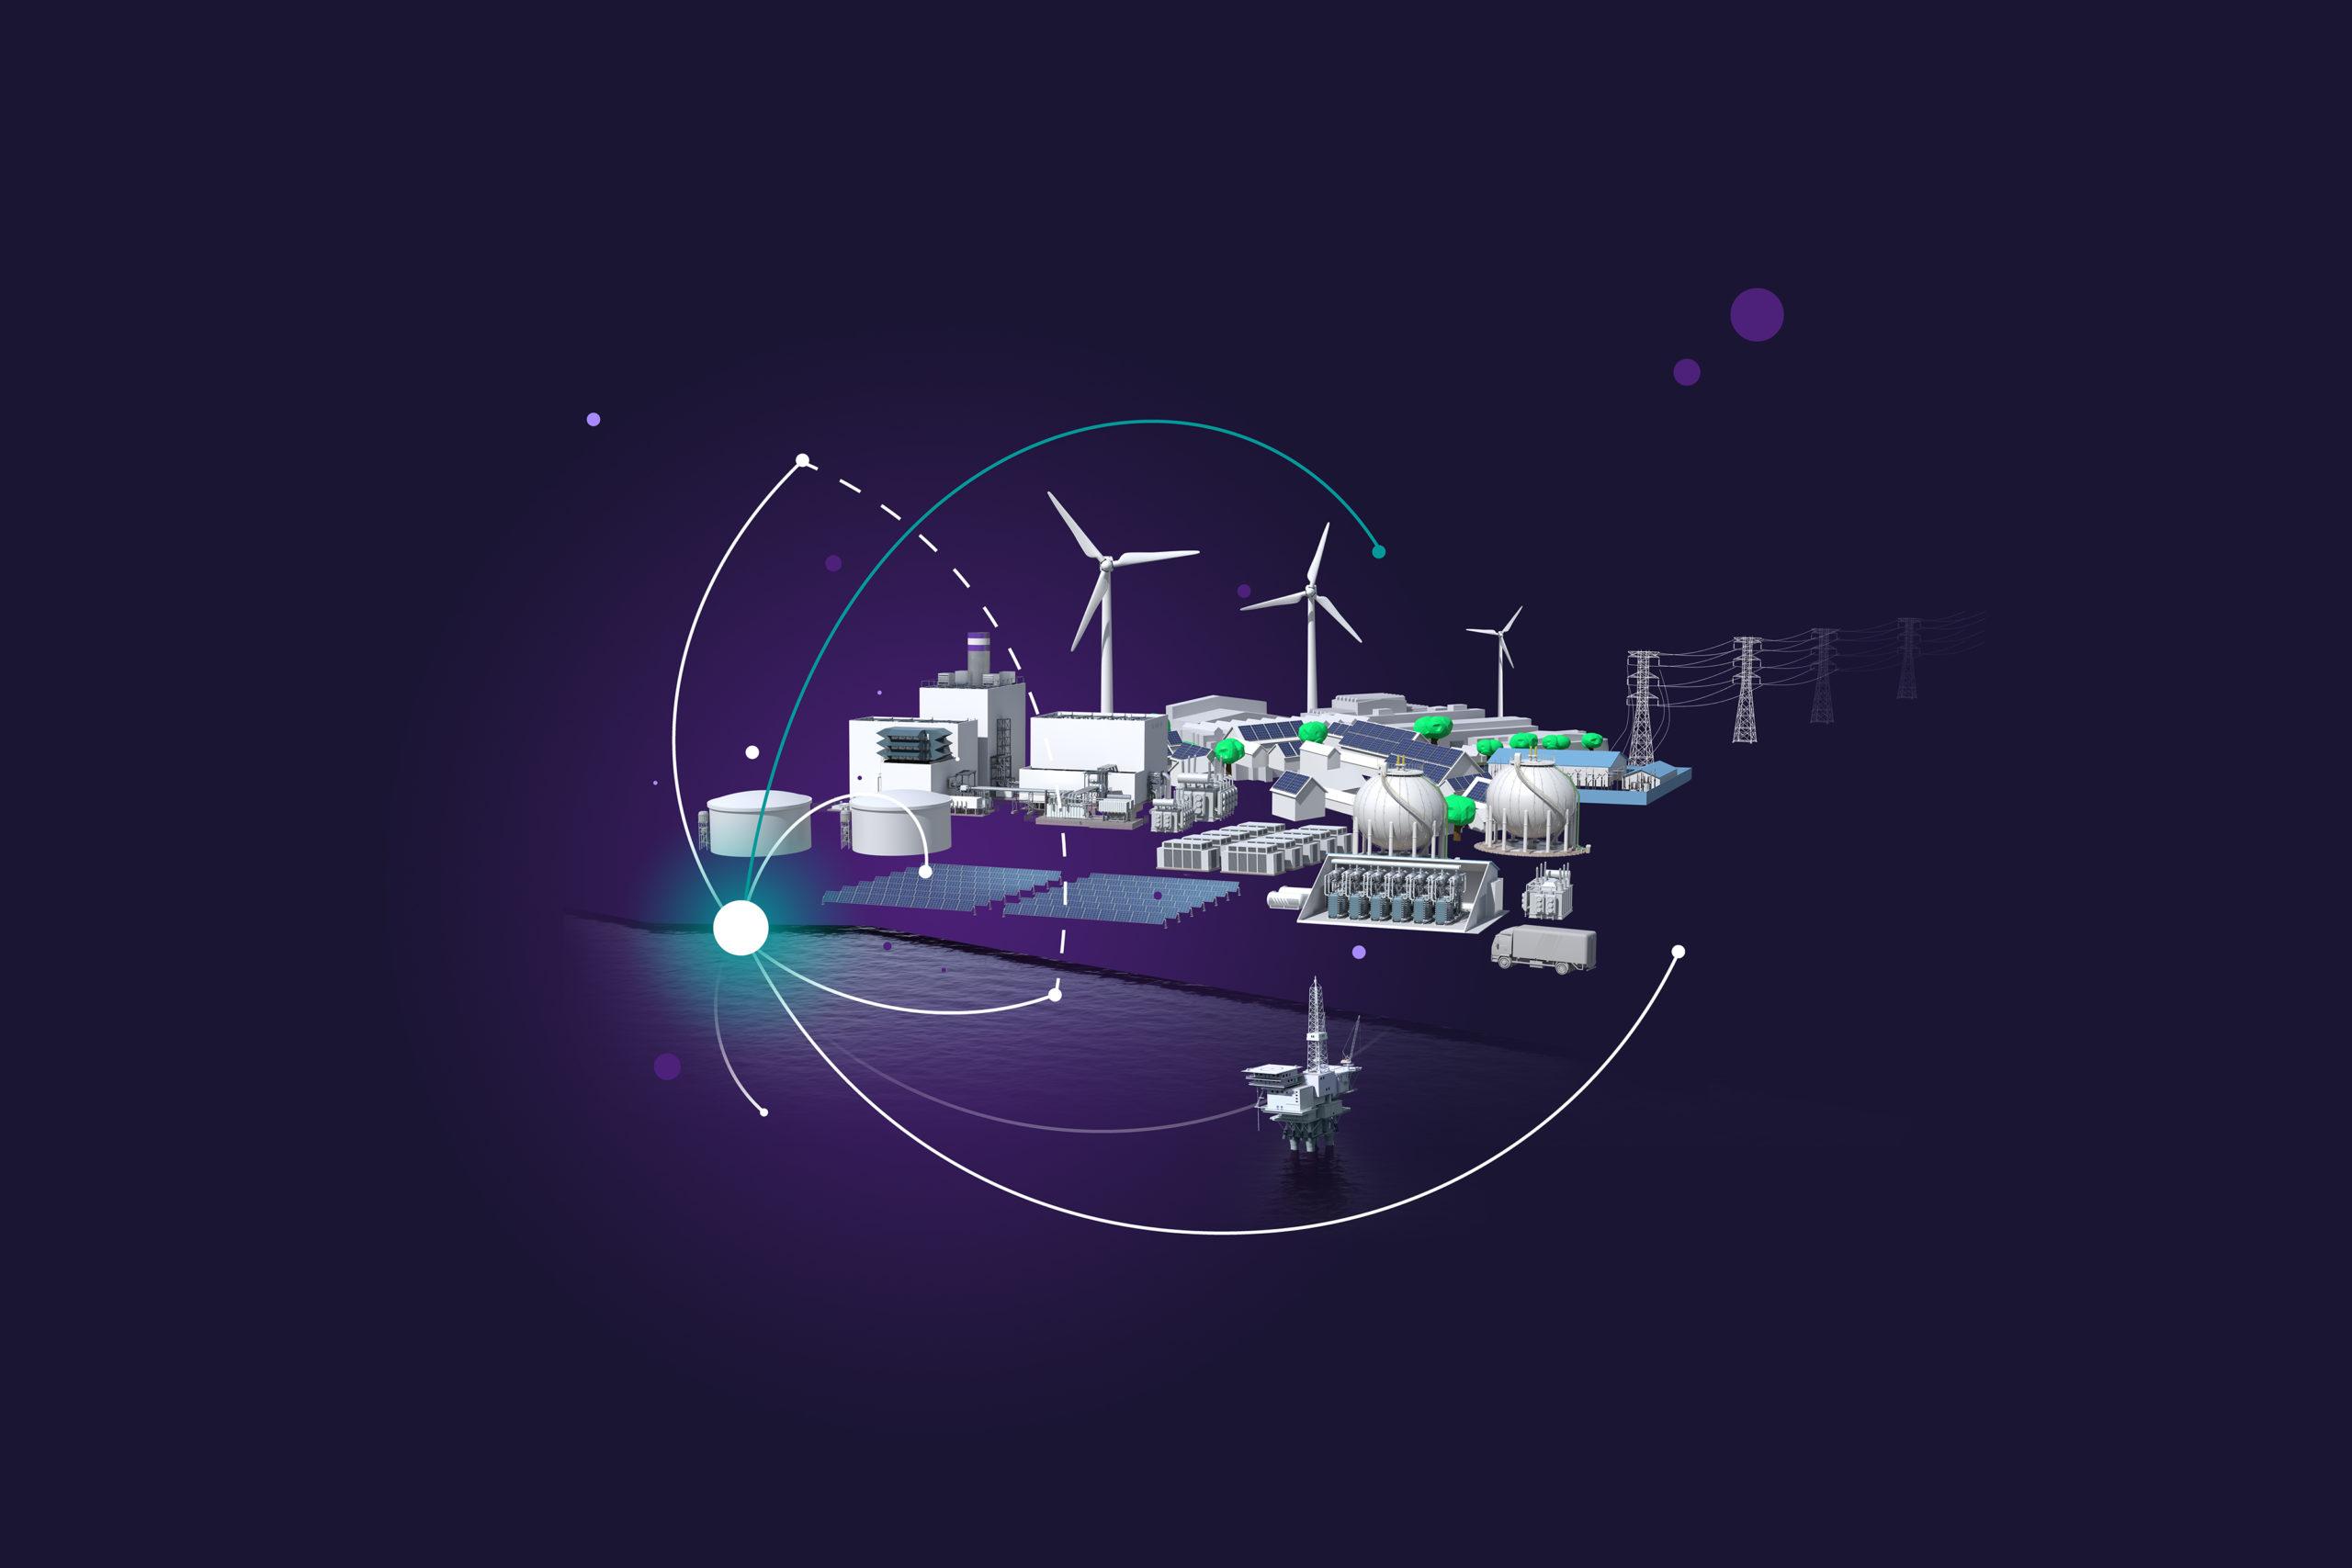 Energía sustentable: el reto de Siemens Energy hacia el futuro